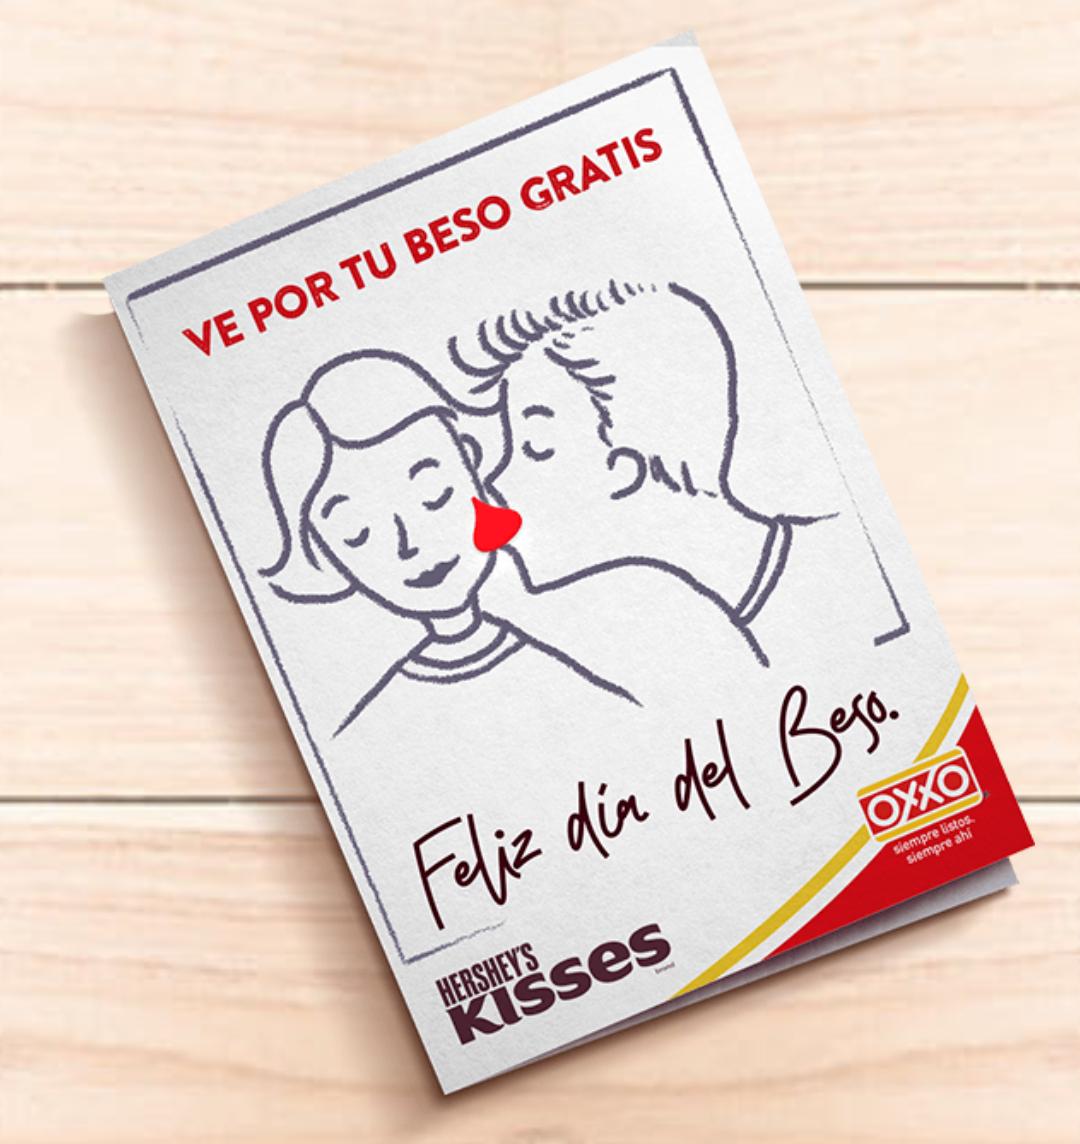 Oxxo: Día del beso - Cupón para Kisses Gratis